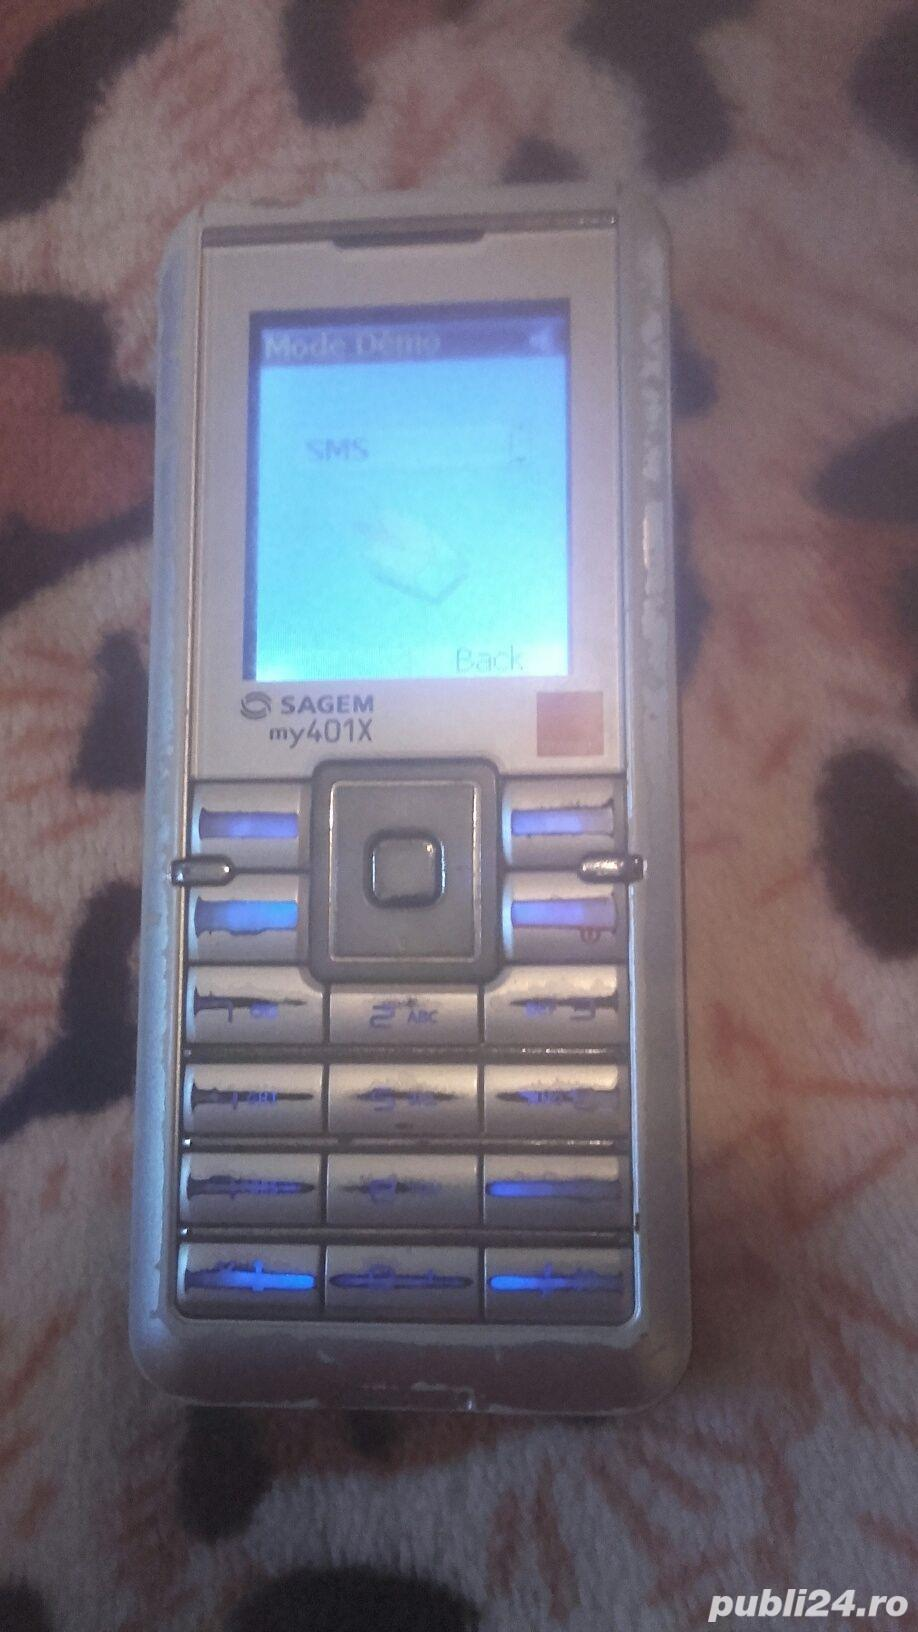 Vand telefon Sagem my401x